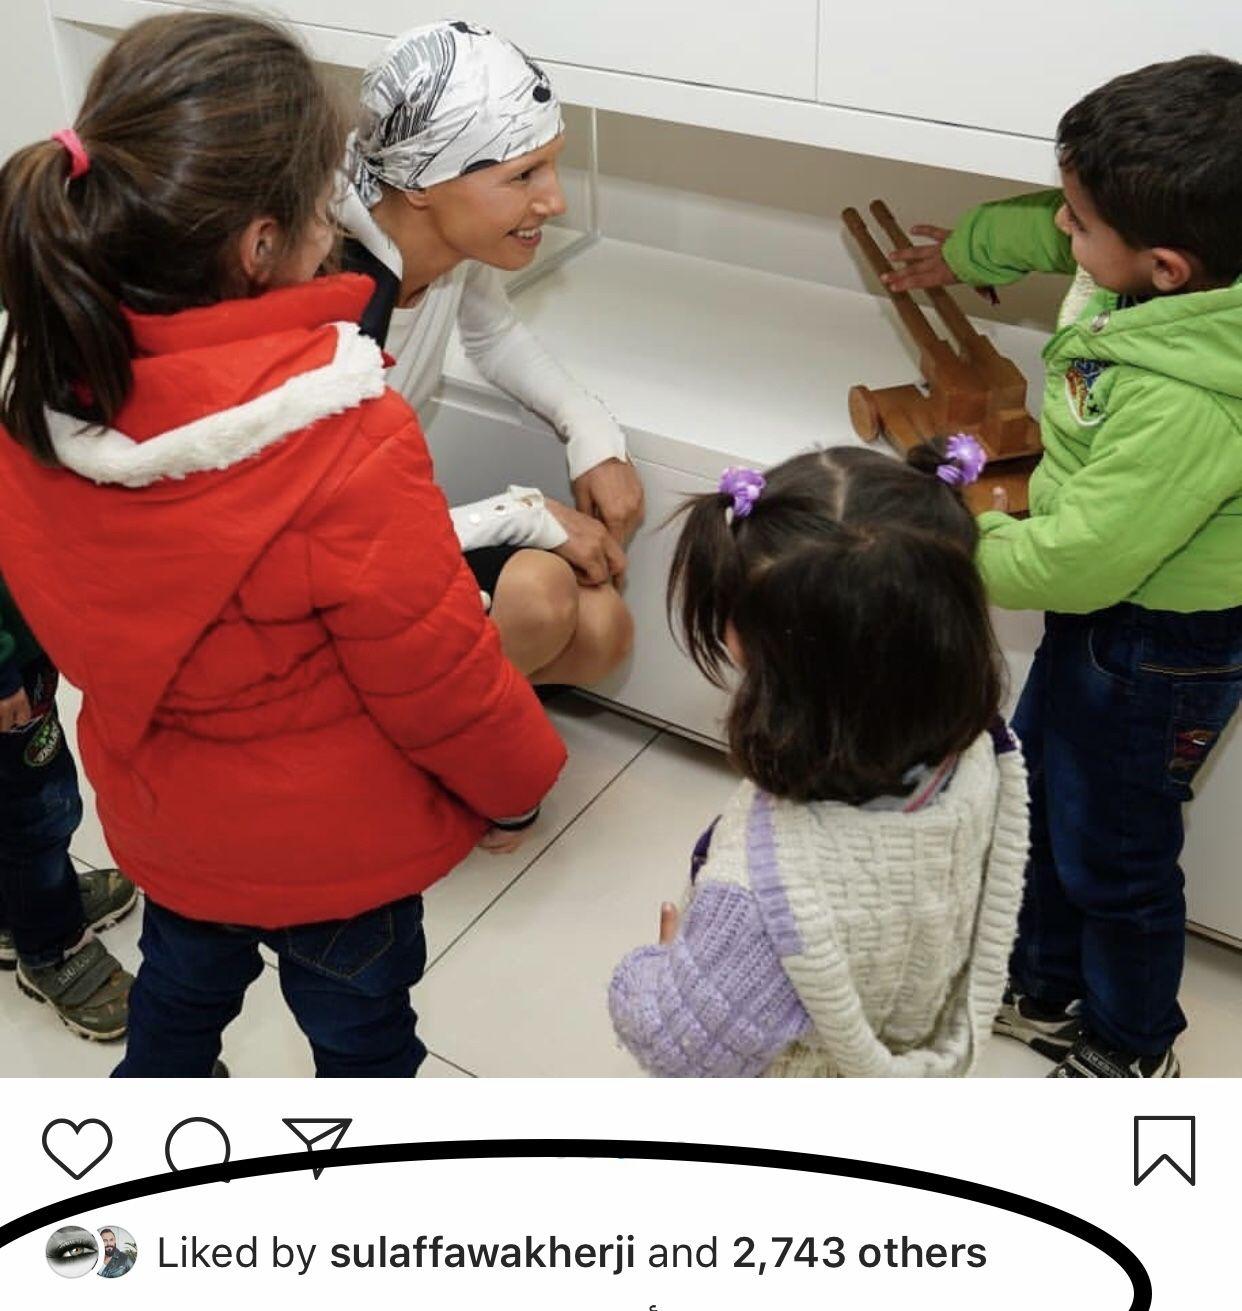 أسماء الأسد تركع للأطفال لتسمع شكواهم